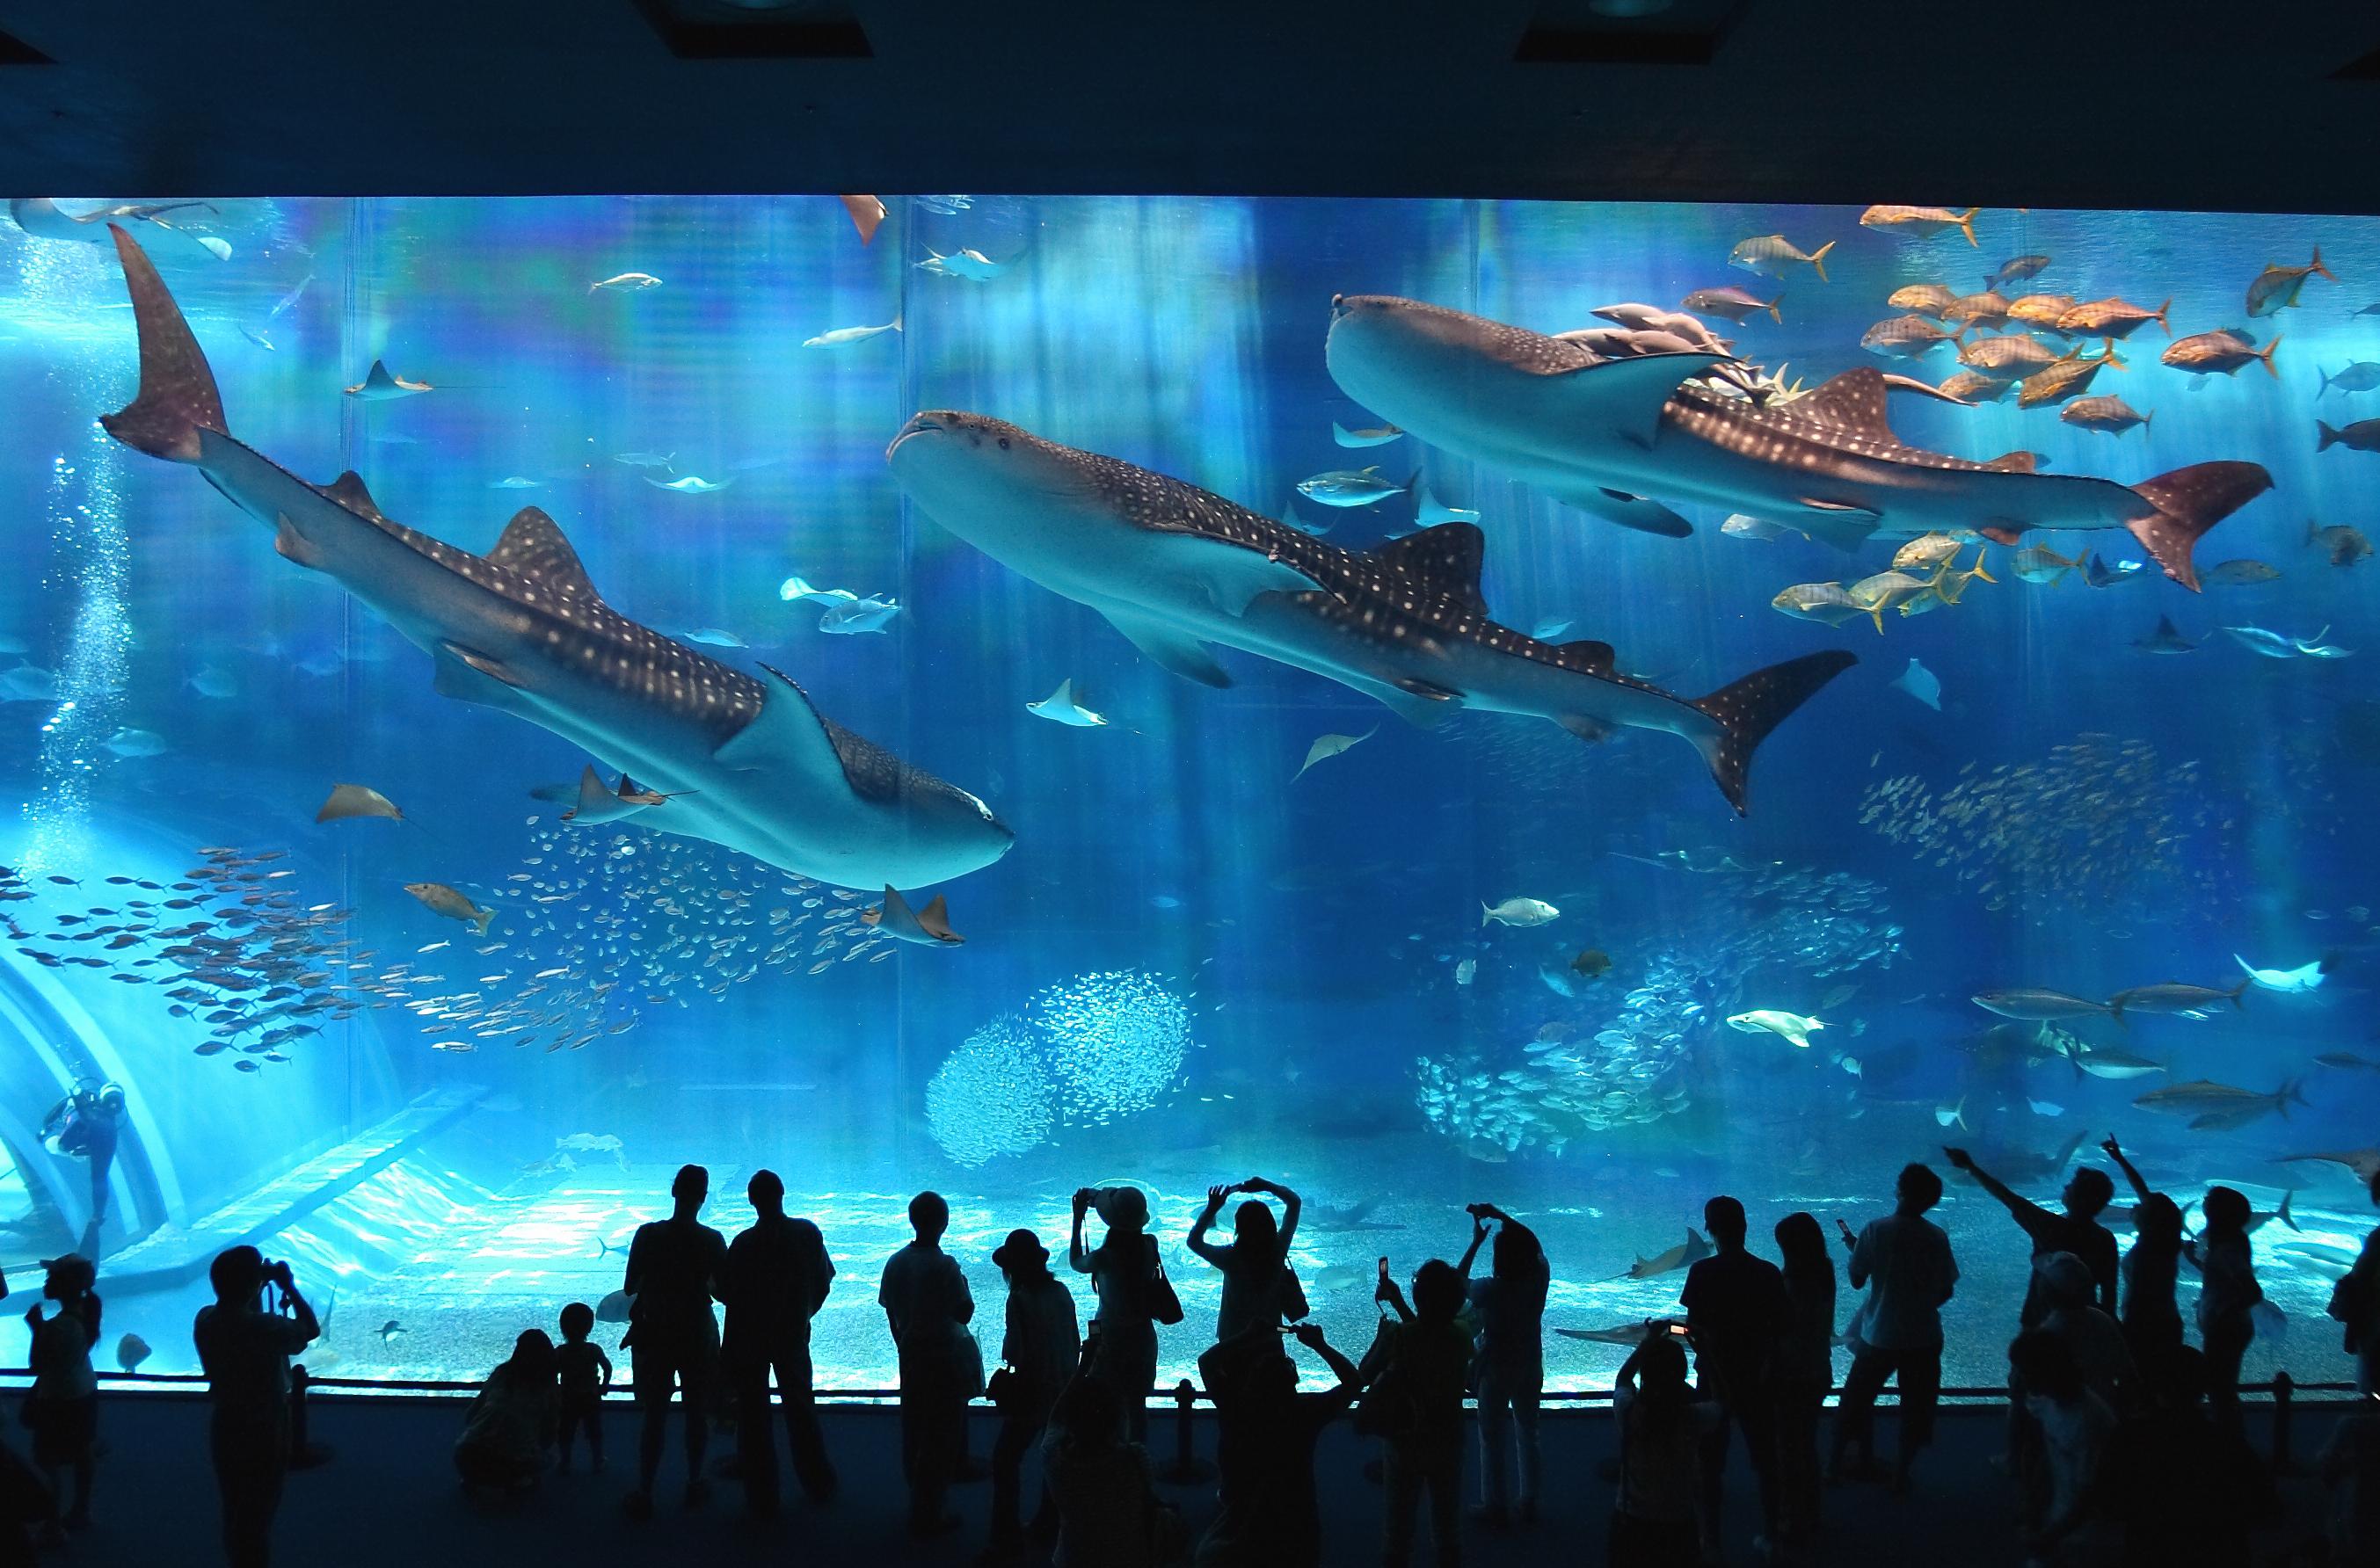 沖繩美麗海水族館+古宇利島+萬座毛一日遊(HipHopBus A)